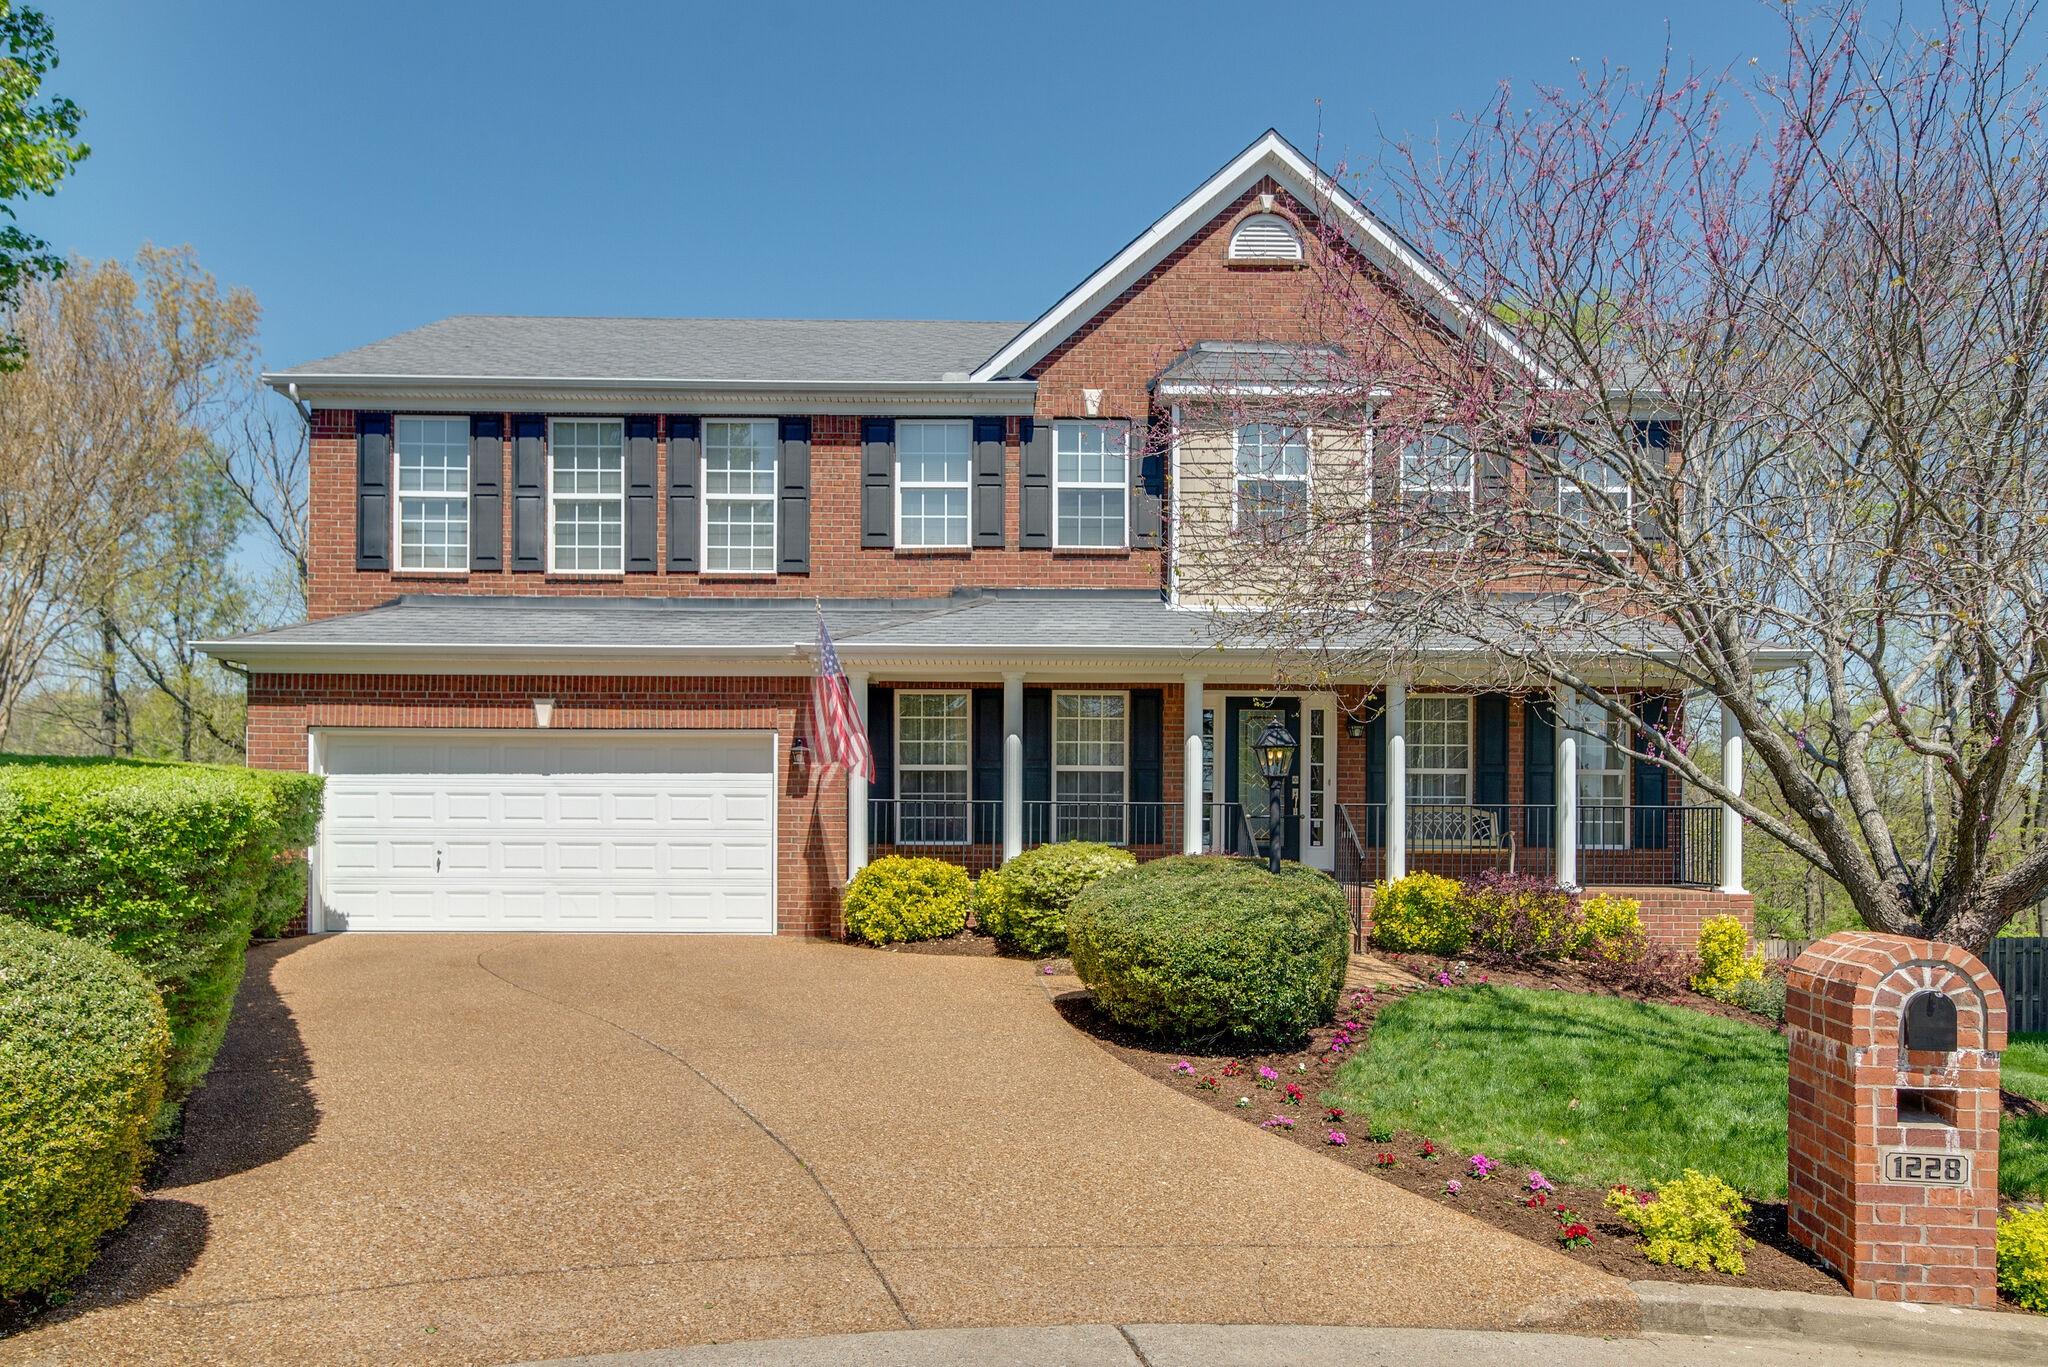 1228 Rockeford Dr Property Photo - Nashville, TN real estate listing